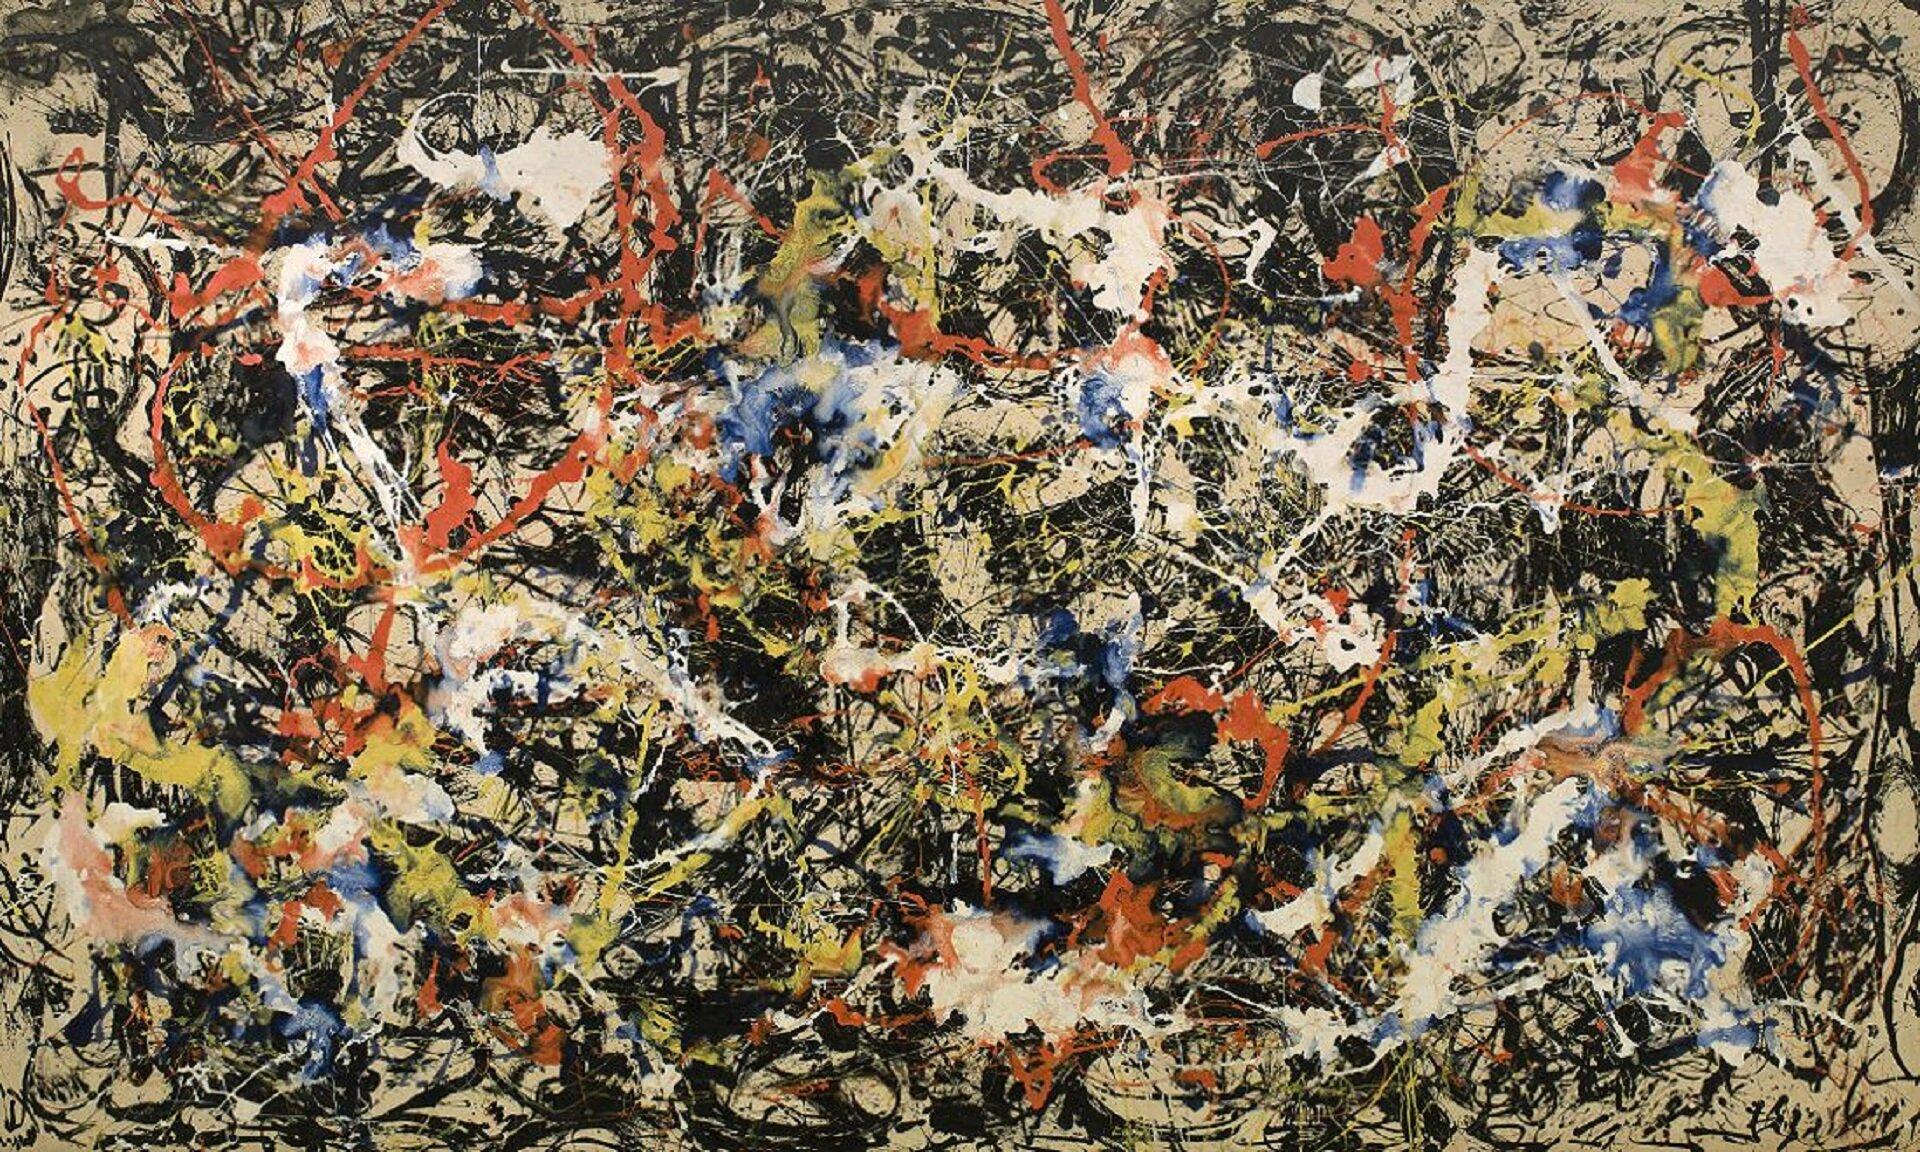 """Ilustracja przedstawia obraz Jacksona Pollocka """"Konwergencja"""". Jest to abstrakcja niegeometryczna. Malarz zastosował szeroką gamę kolorów, linii ikształtów, nakładając je na płótno metodą ociekania ipolewania farbą. Te linie, plamy, koła rozpryskane na powierzchni przypadkowo przekazują emocje artysty. Wśród przeplecionych motków iplam pigmentowych ozróżnicowanych barwach na powierzchni znajdują się przedmioty takie jak gwoździe imonety. Na przykład niewielka zapałka jest osadzona wfarbie wpobliżu środka dzieła."""